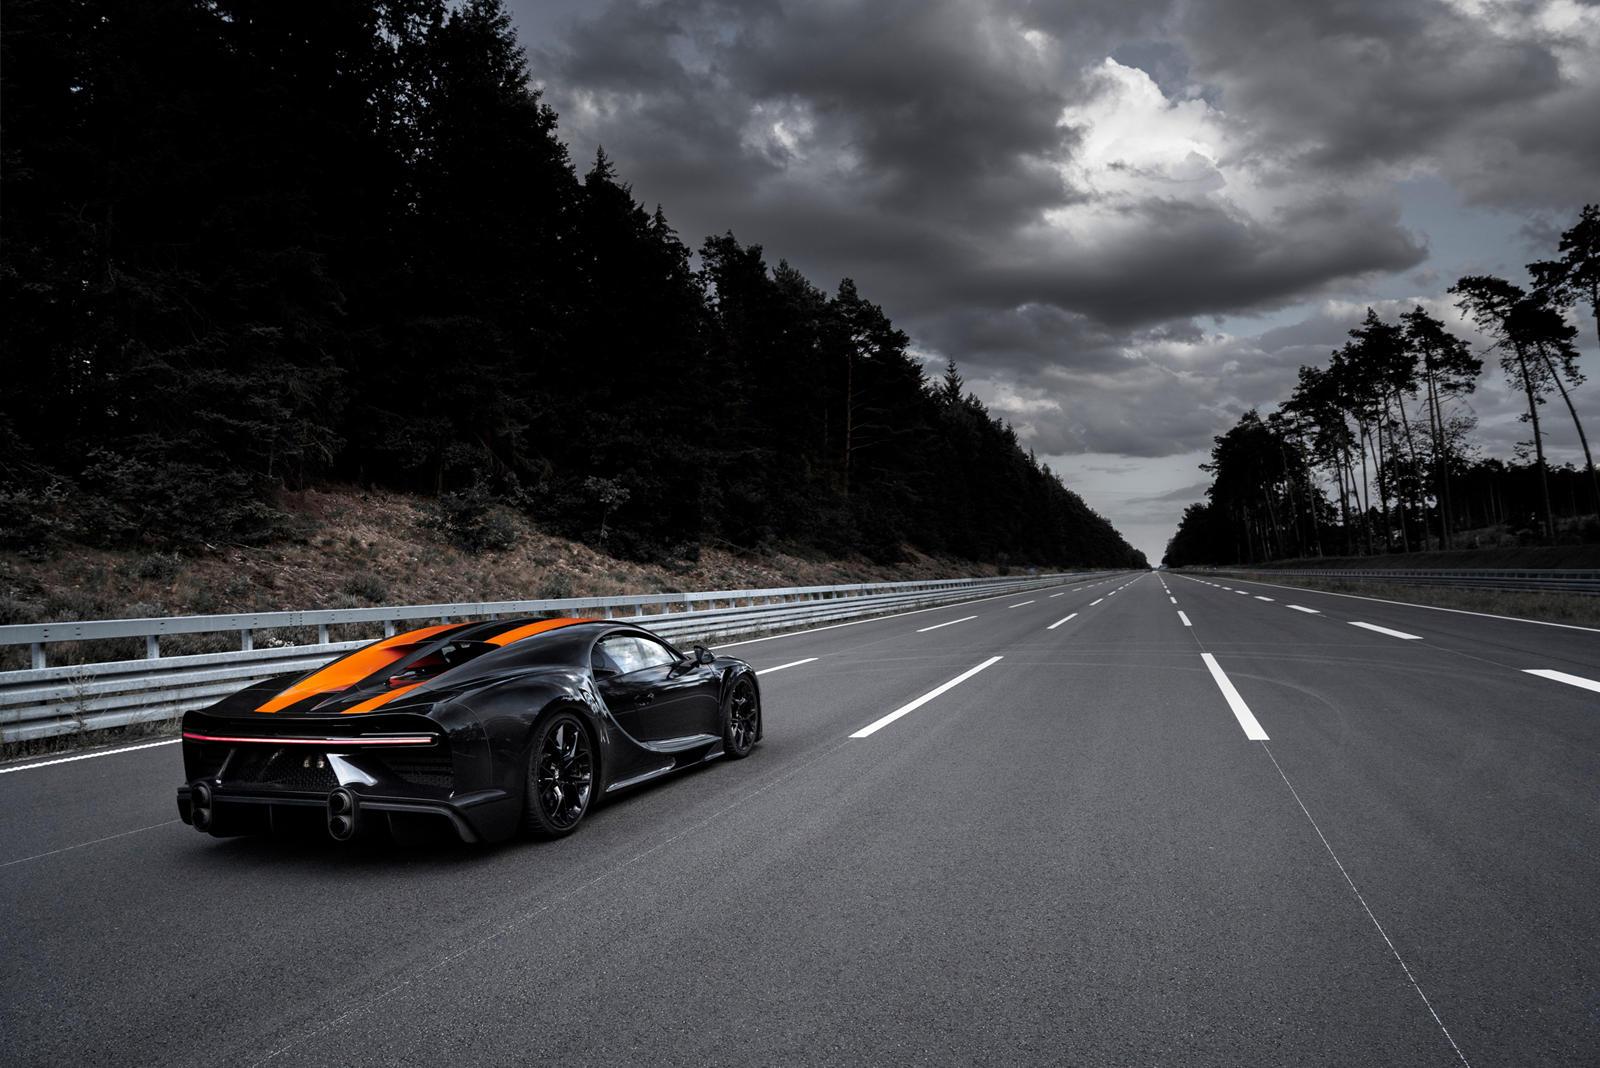 Таким образом, технически он никогда не имел возможности побить рекорд. Несмотря на эту якобы незначительную техническую деталь, Bugatti утверждал, что его гиперкар может ехать еще быстрее. Тем не менее, Джерод Шелби, основатель и генеральный директо